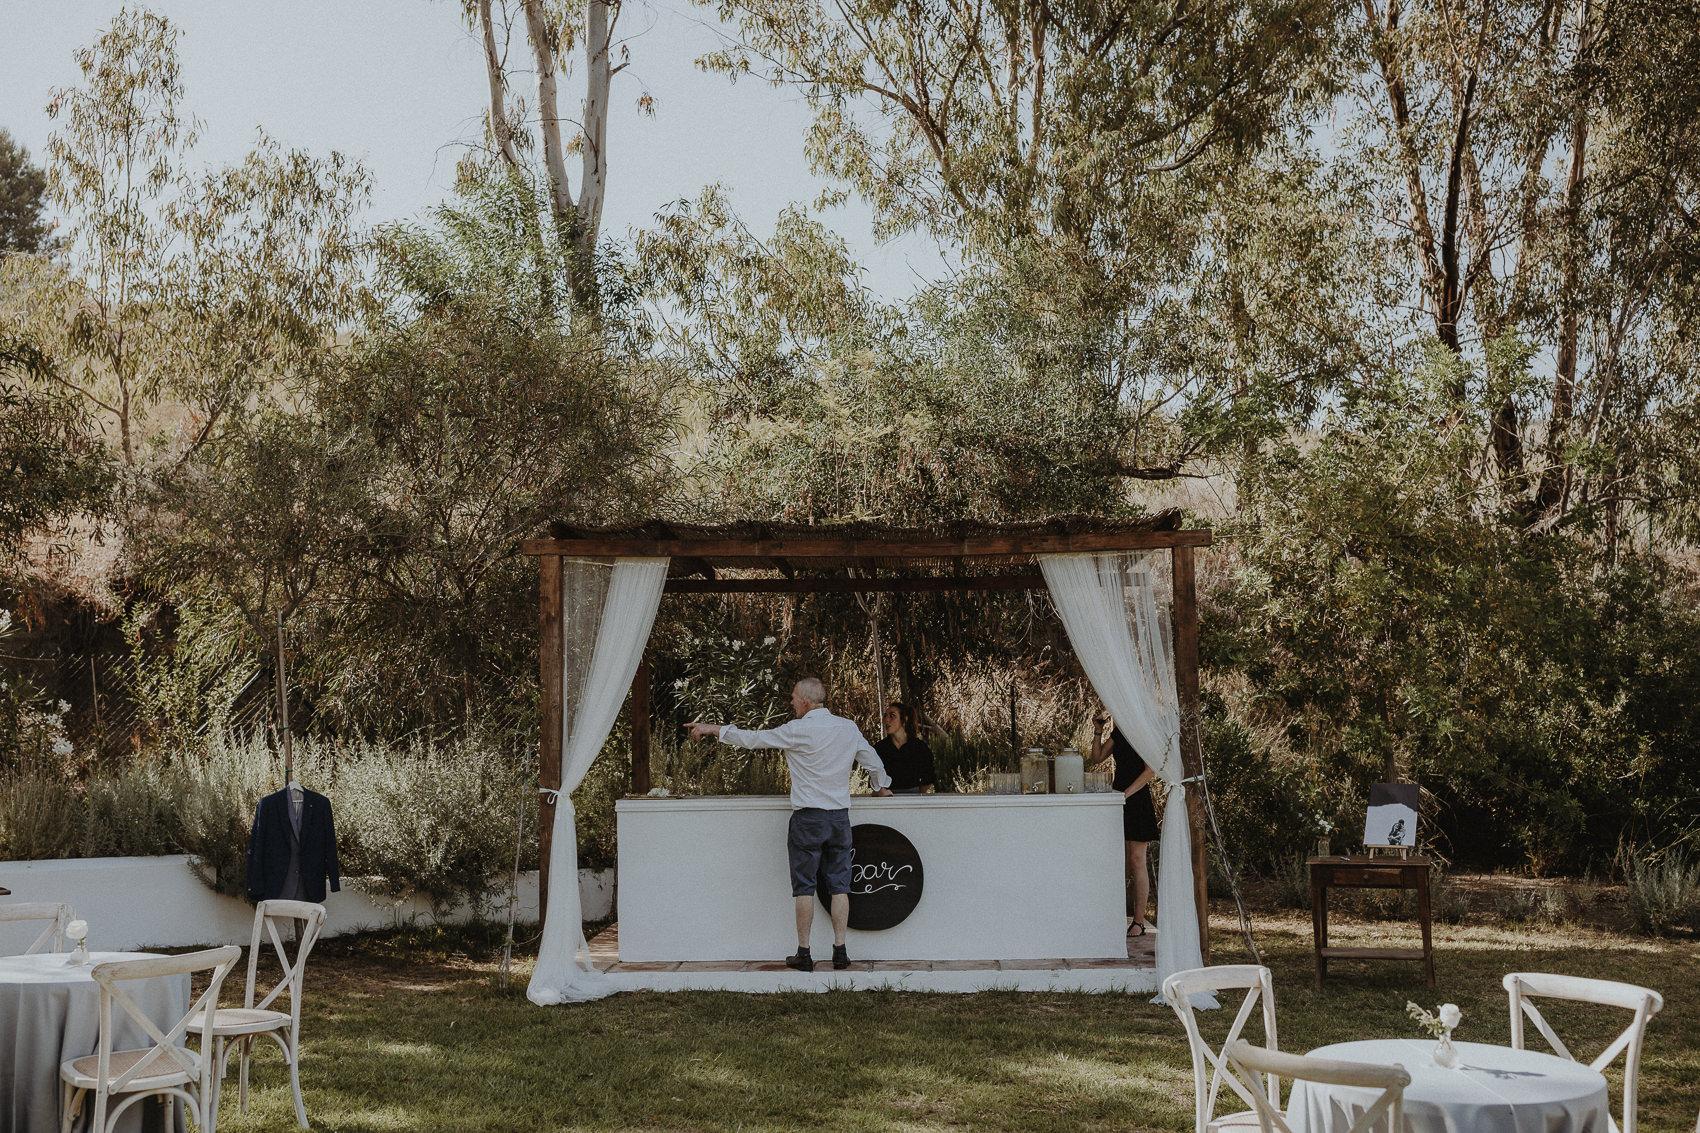 Sarah & Bill | Summer wedding at Cortijo Rosa Blanca | Marbella - Spain 90